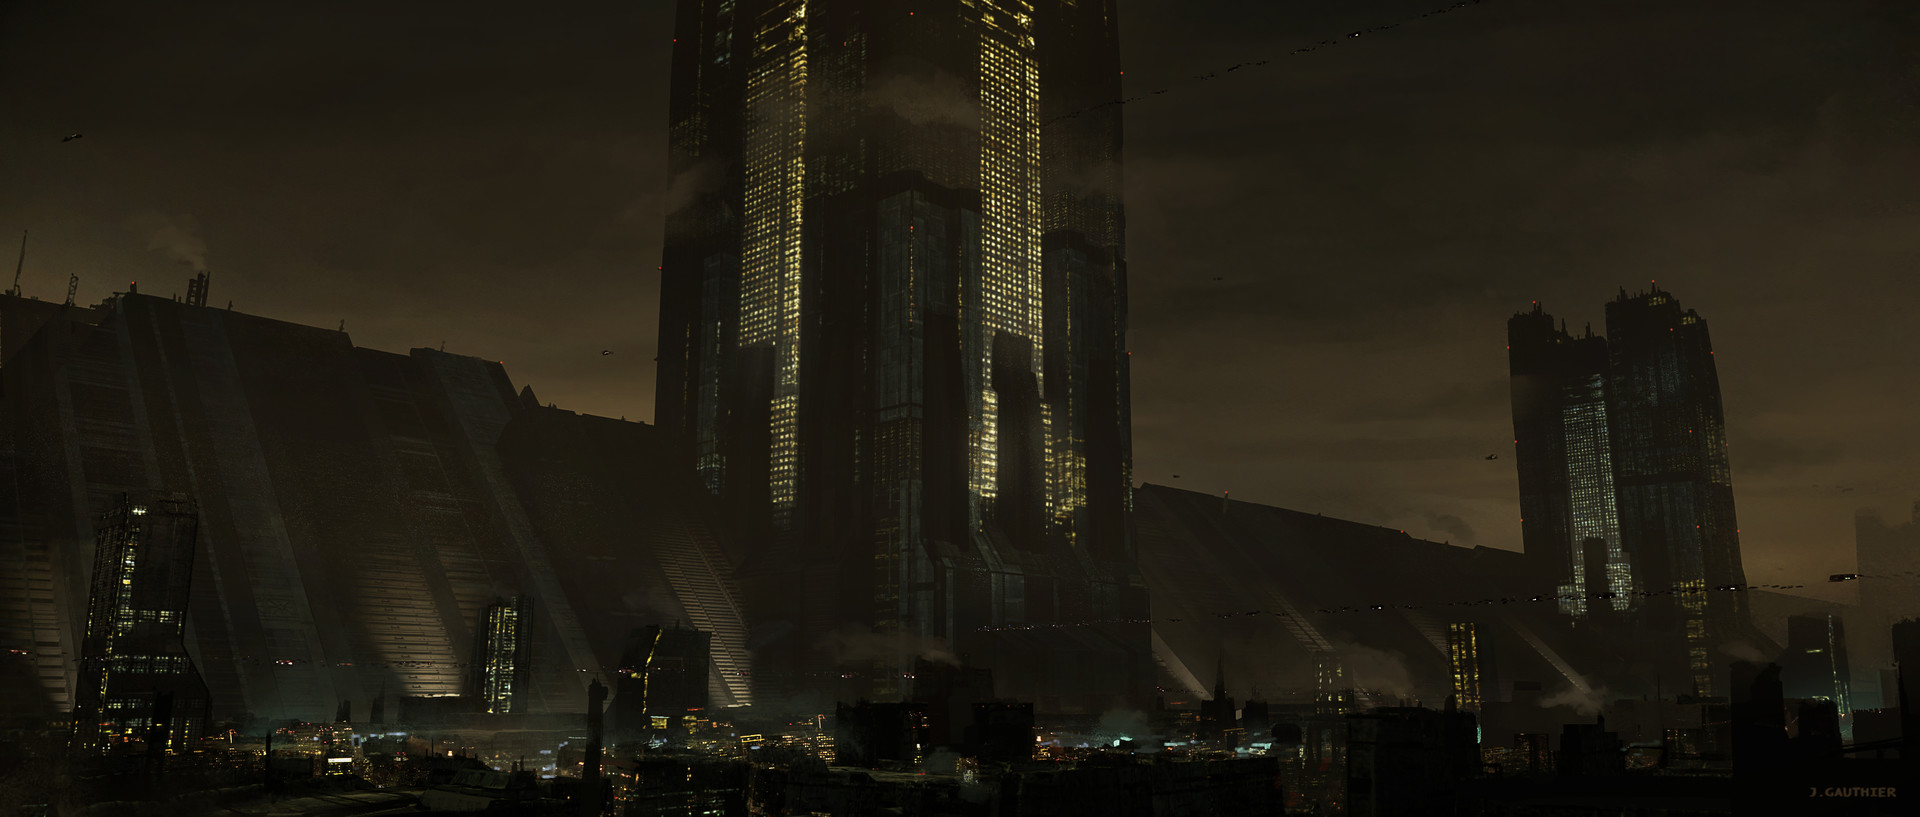 Julien gauthier scifi city 03